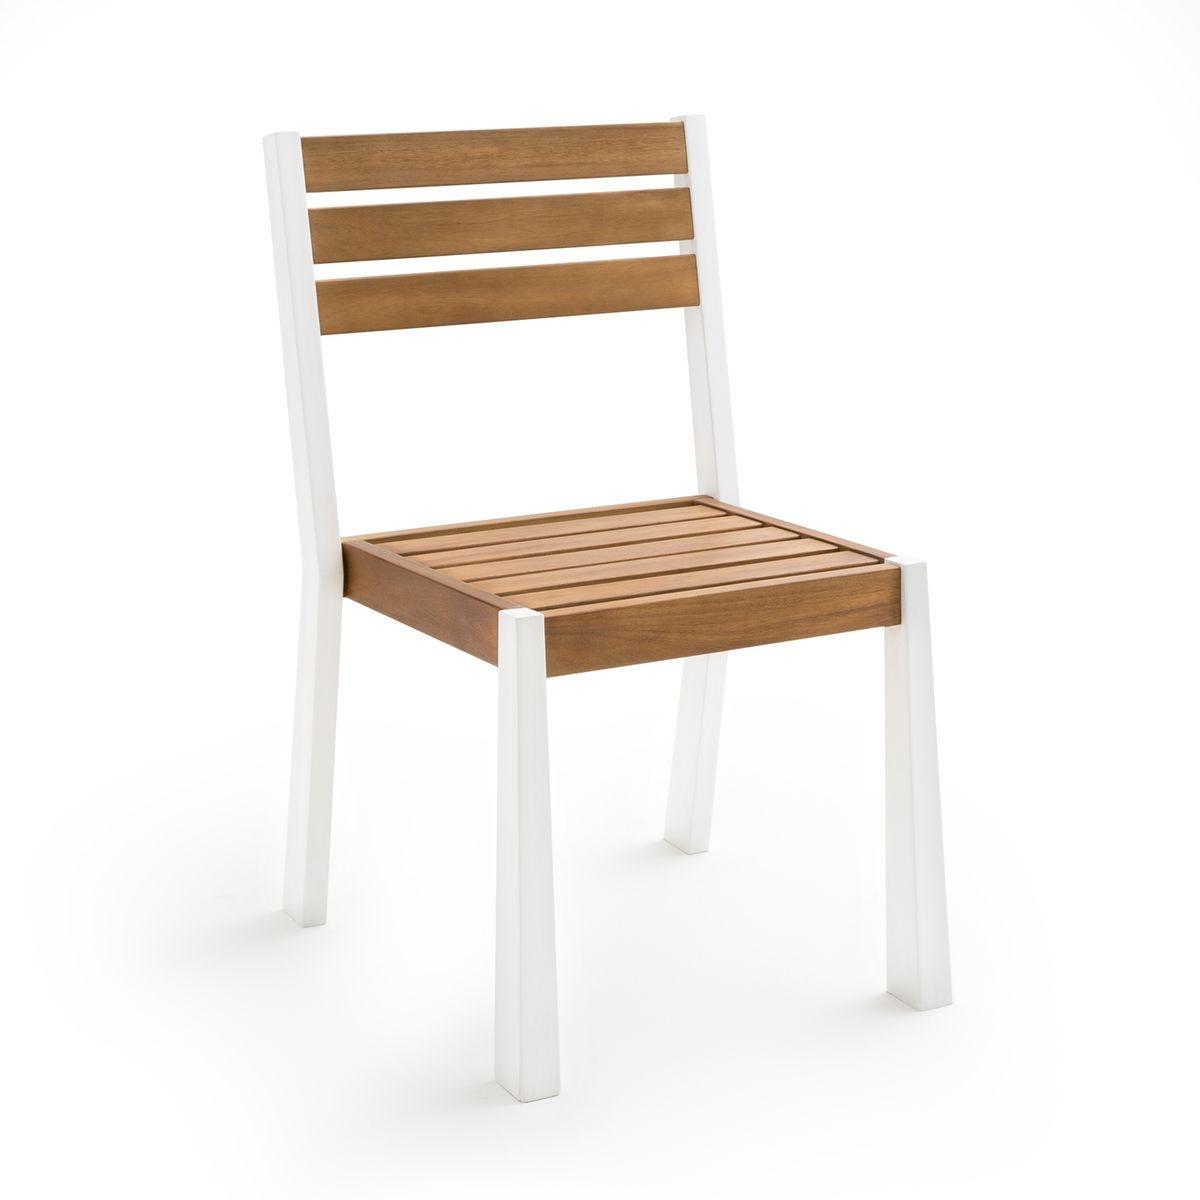 Chaise de jardin, Astuto